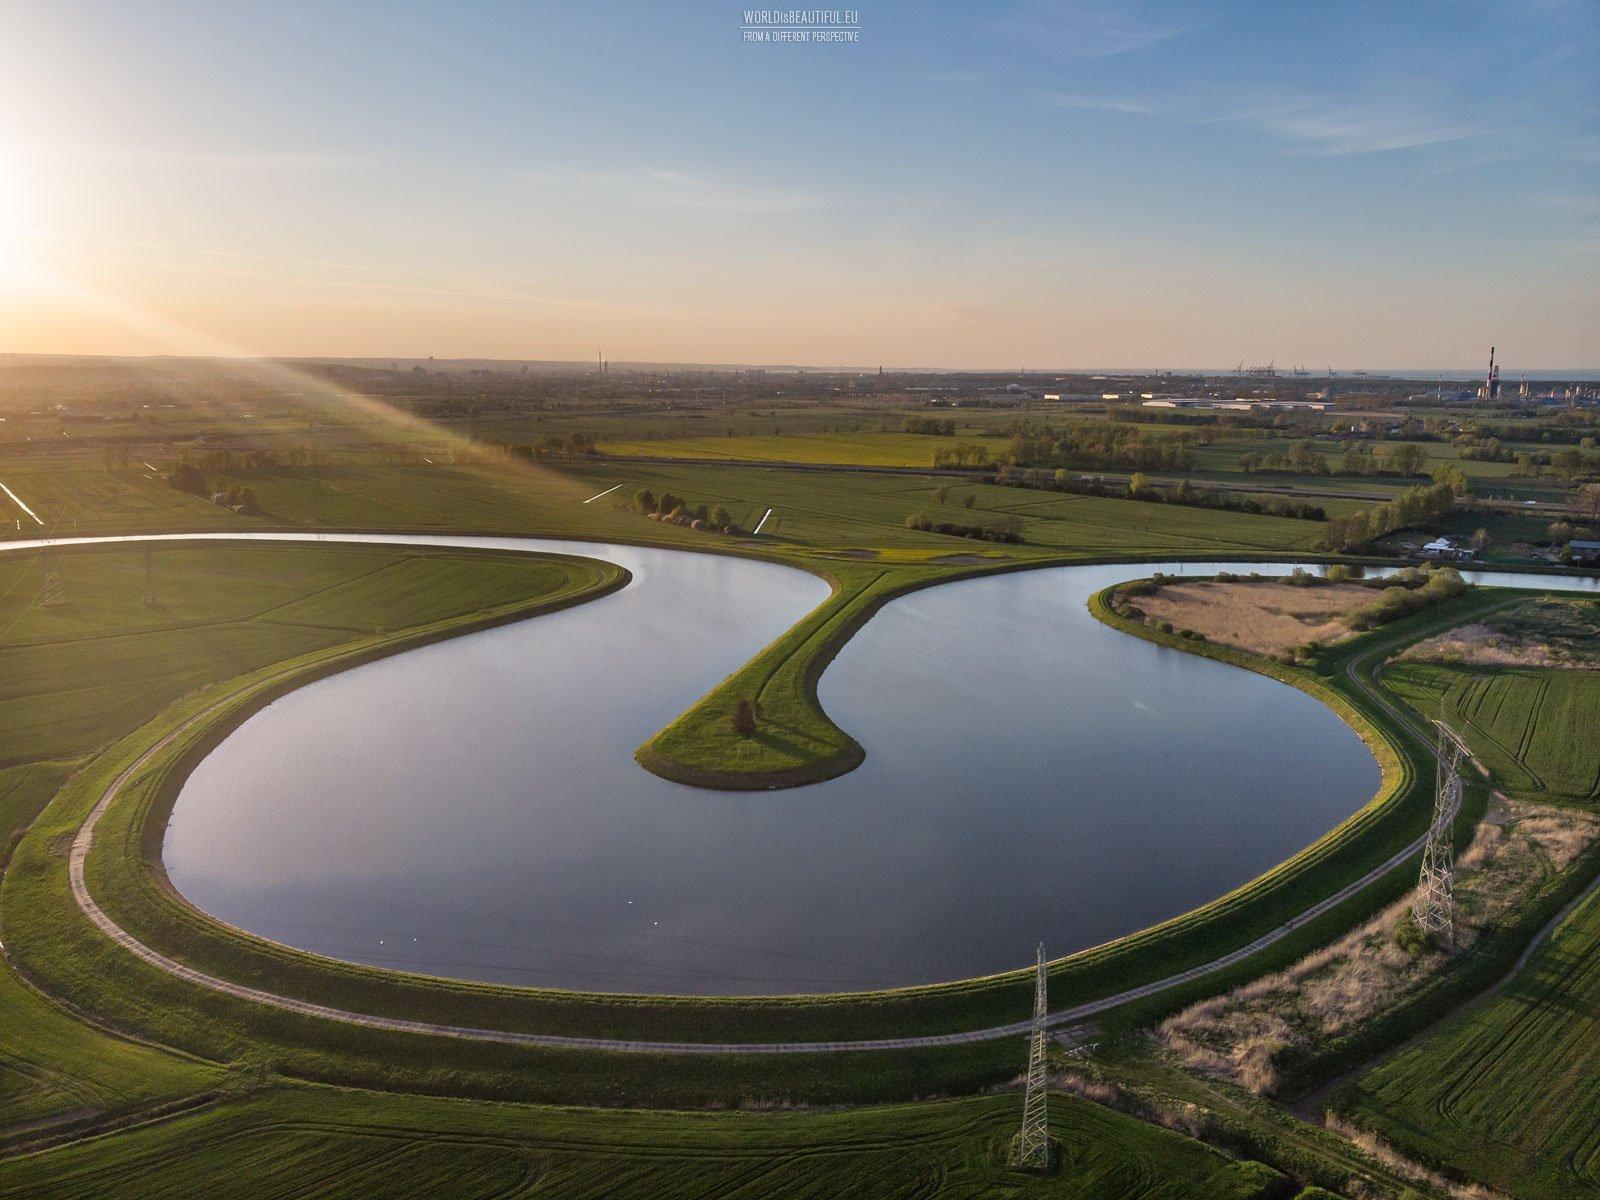 Kanal Wielki - Grand Canal